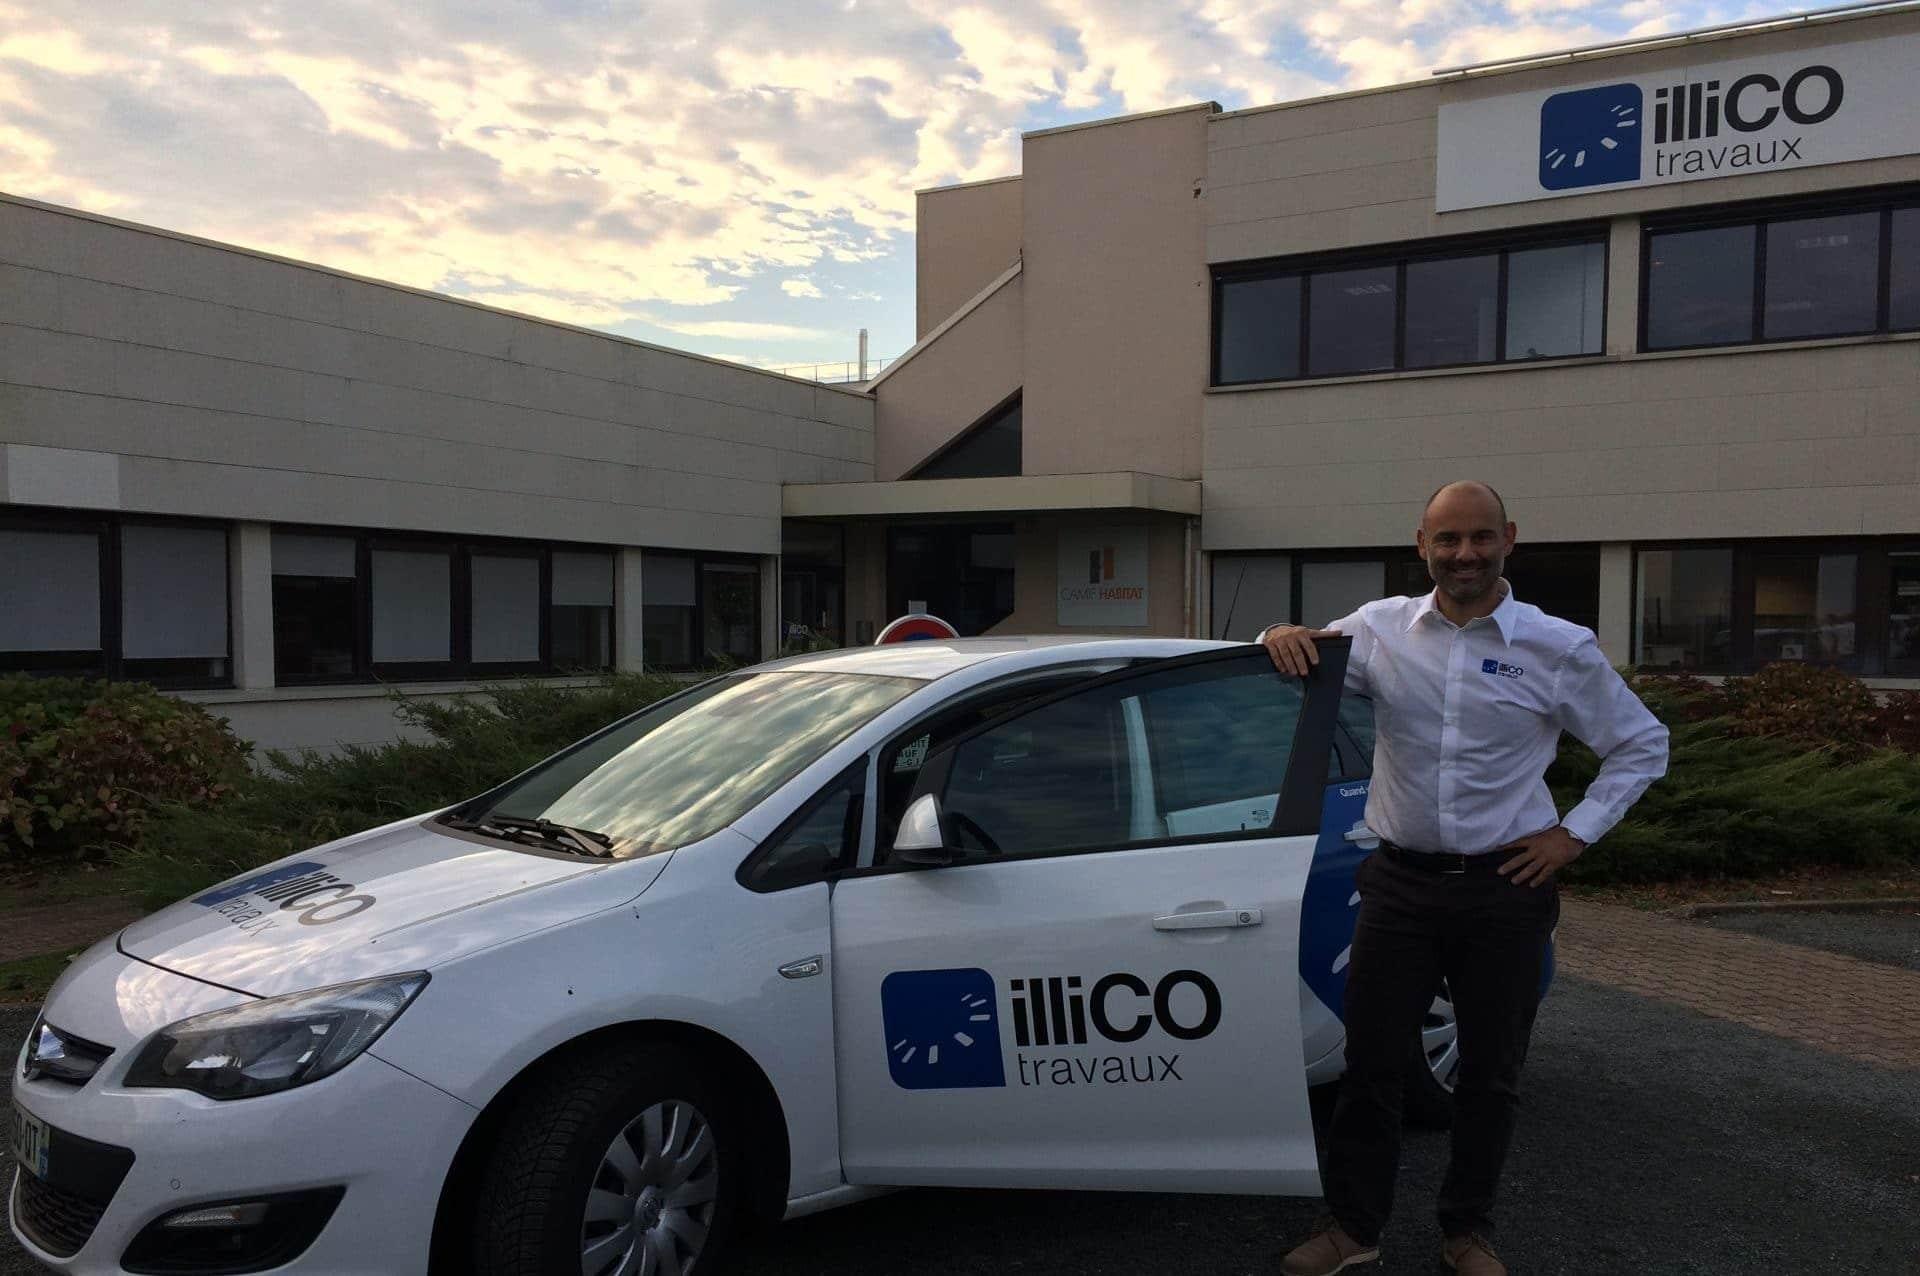 Témoignage vidéo de Cédric BAUM, responsable de l'agence illiCO travaux Grenoble